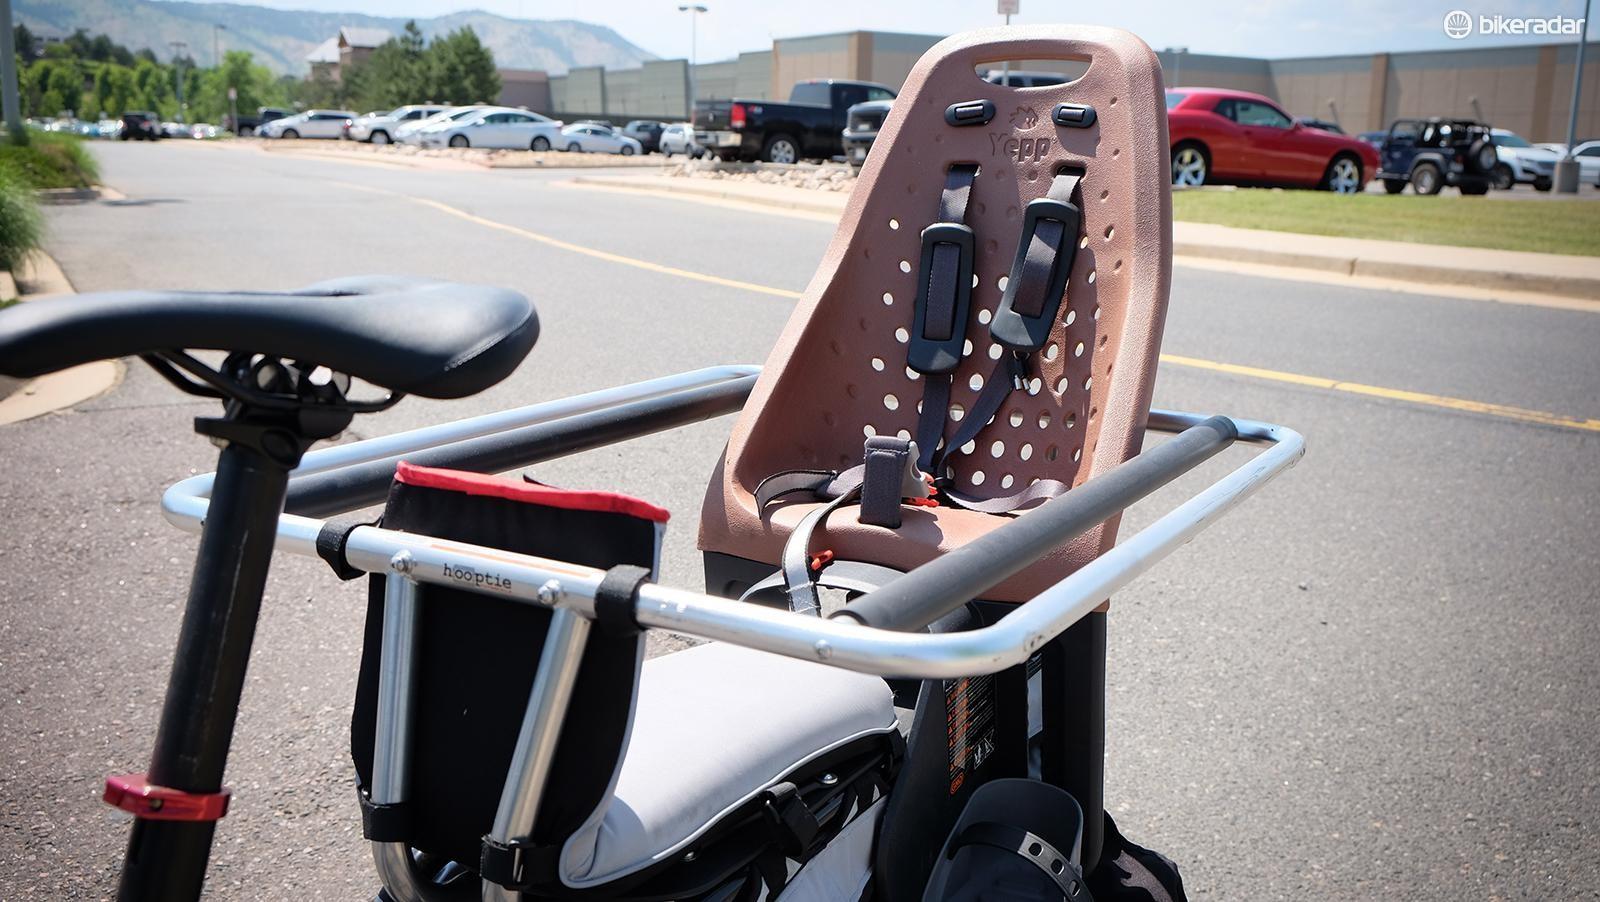 The Edgerunner 10E can plenty of room for kids to ride